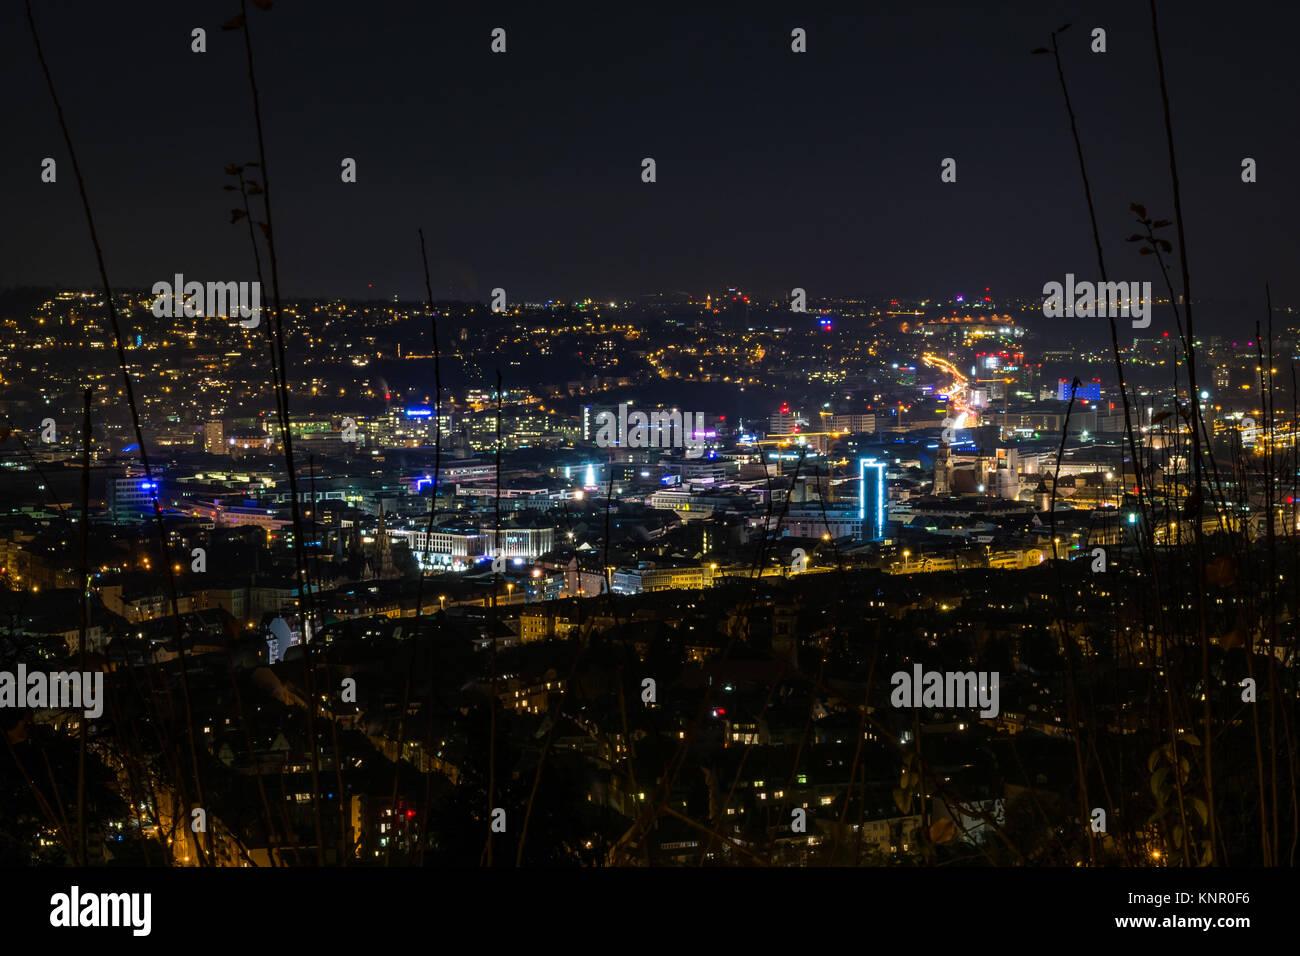 Estugarda Alemanha Paisagem Cityscape noite luzes Santiago de Chile Platz têm vista para Imagens de Stock